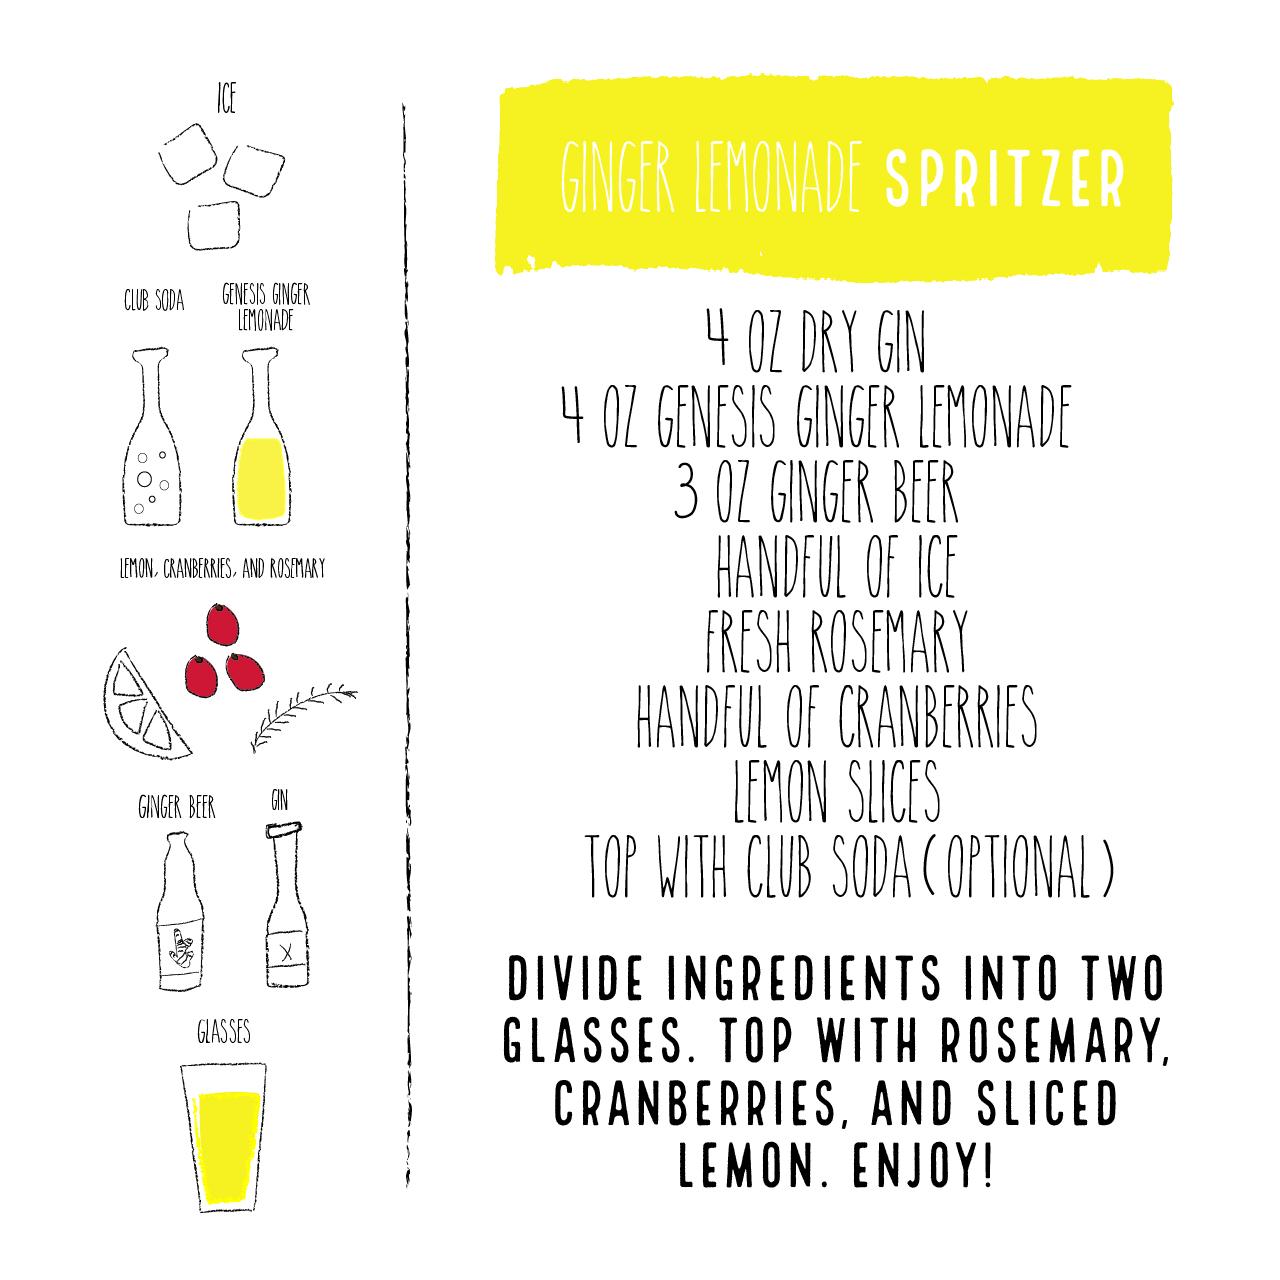 Ginger Lemonade Spritzer Guide